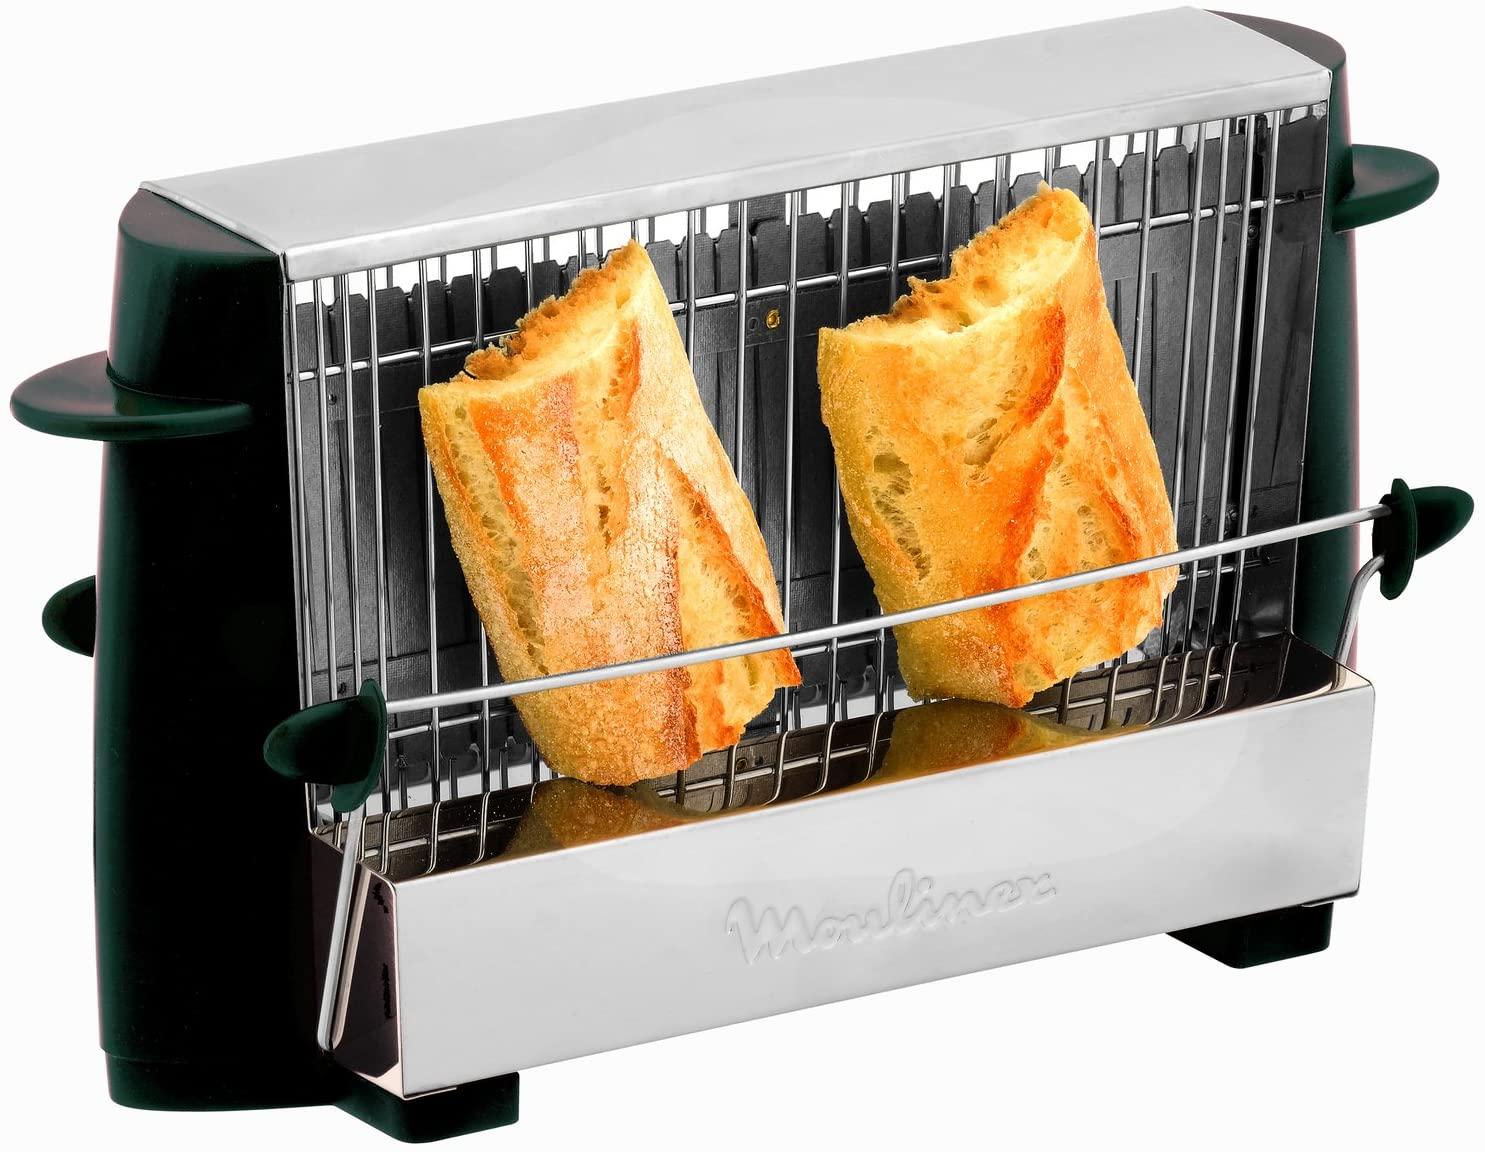 tostadora-de-pan-multipan-a15457-moulinex.jpg